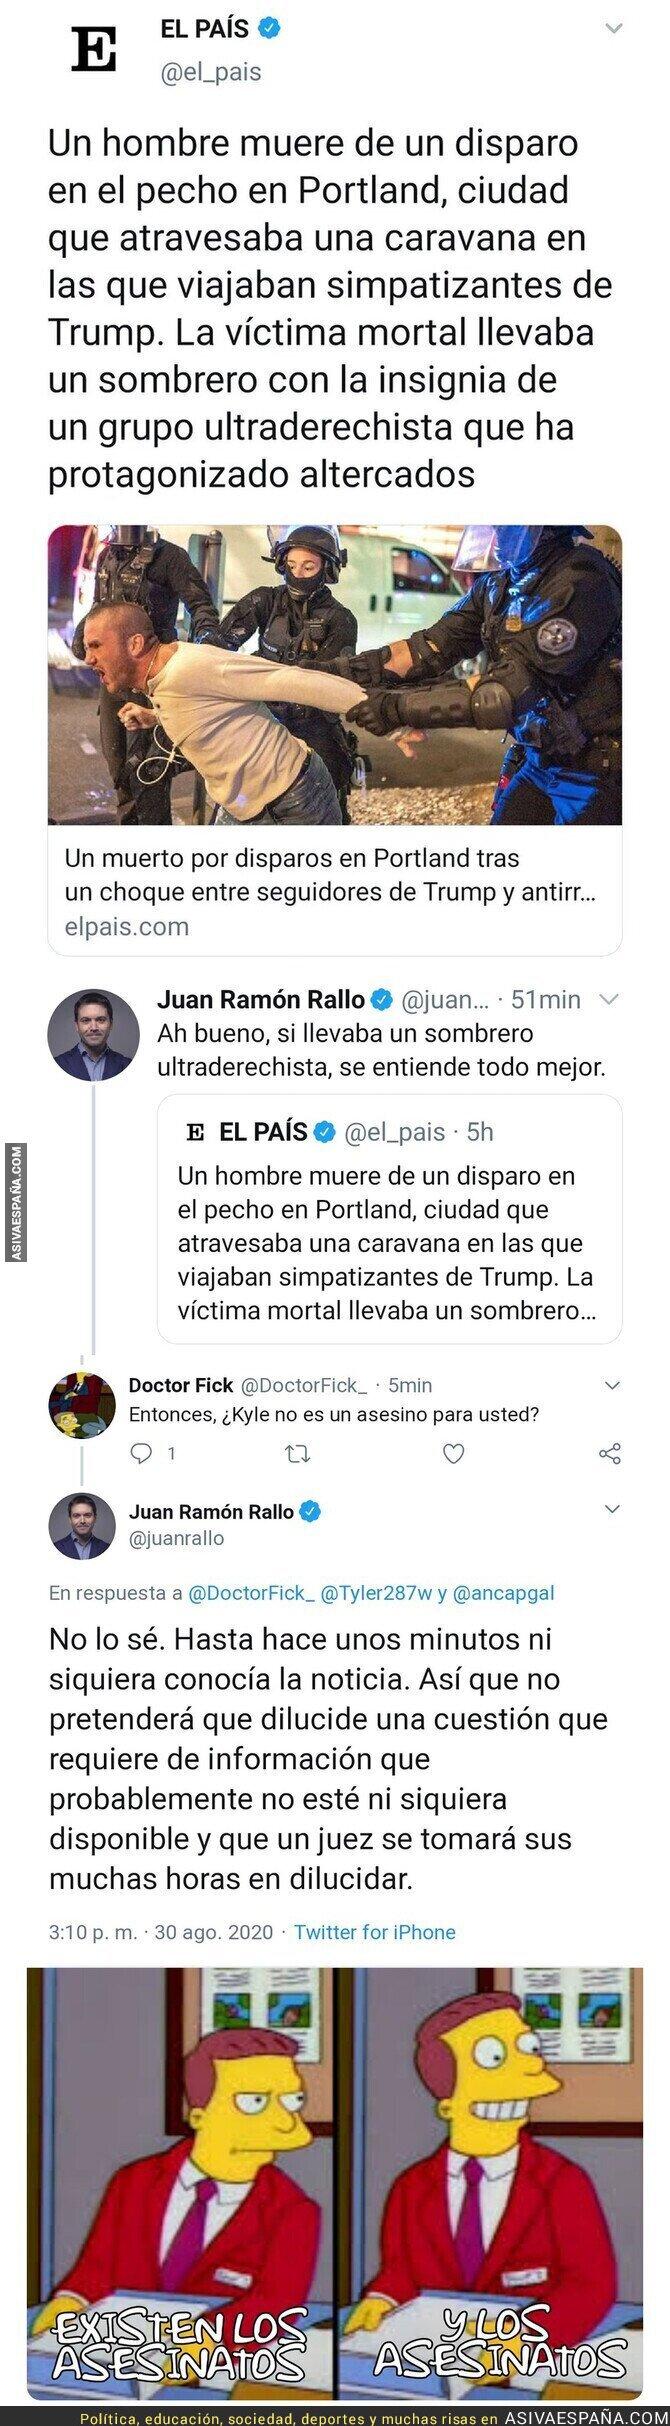 346998 - Juan Ramón Rallo necesita su tiempo para juzgar un asesinato